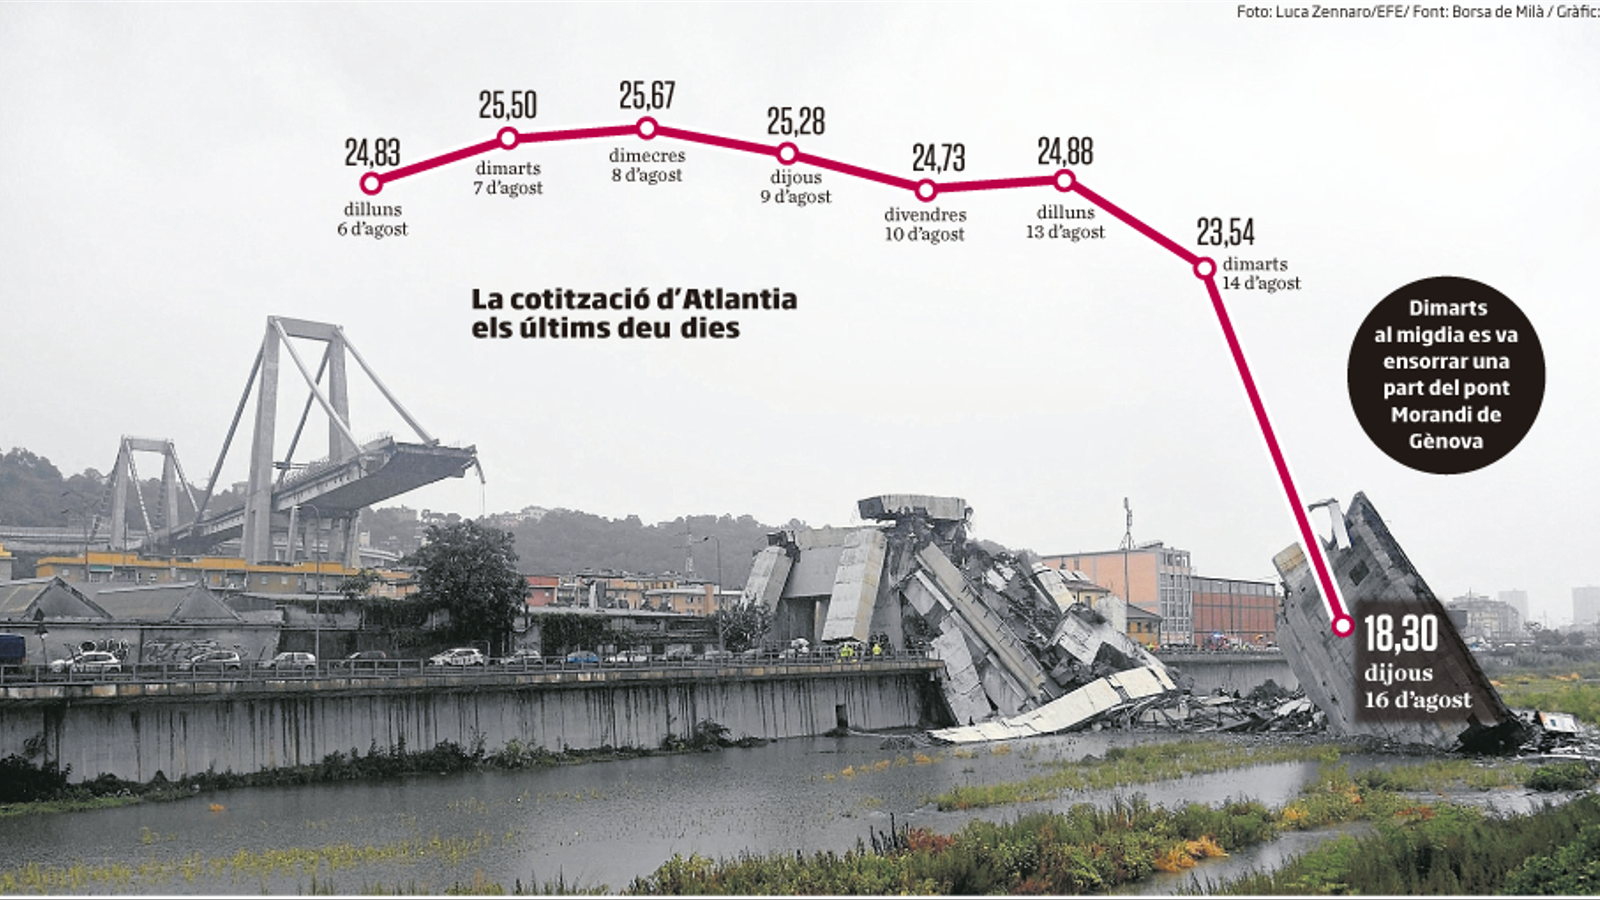 El pont de Gènova arrossega Atlantia